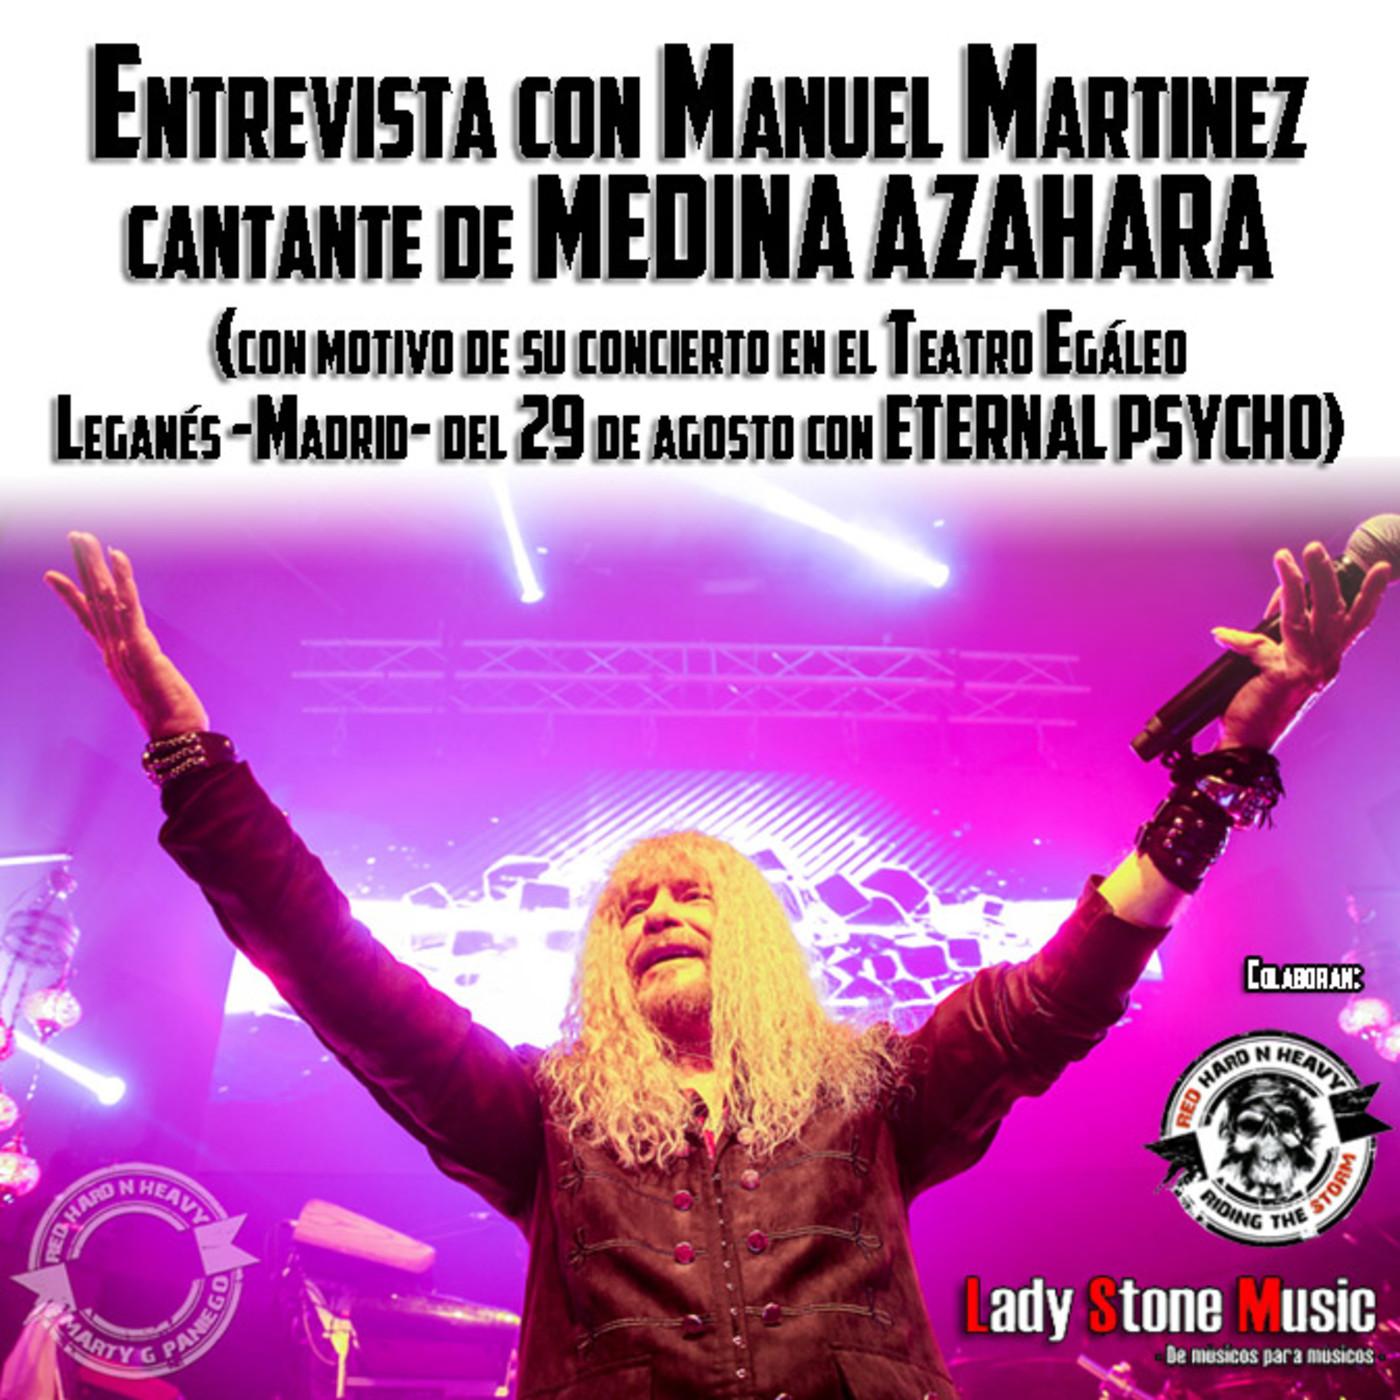 Entrevista Manuel Martínez (cantante de MEDINA AZAHARA)